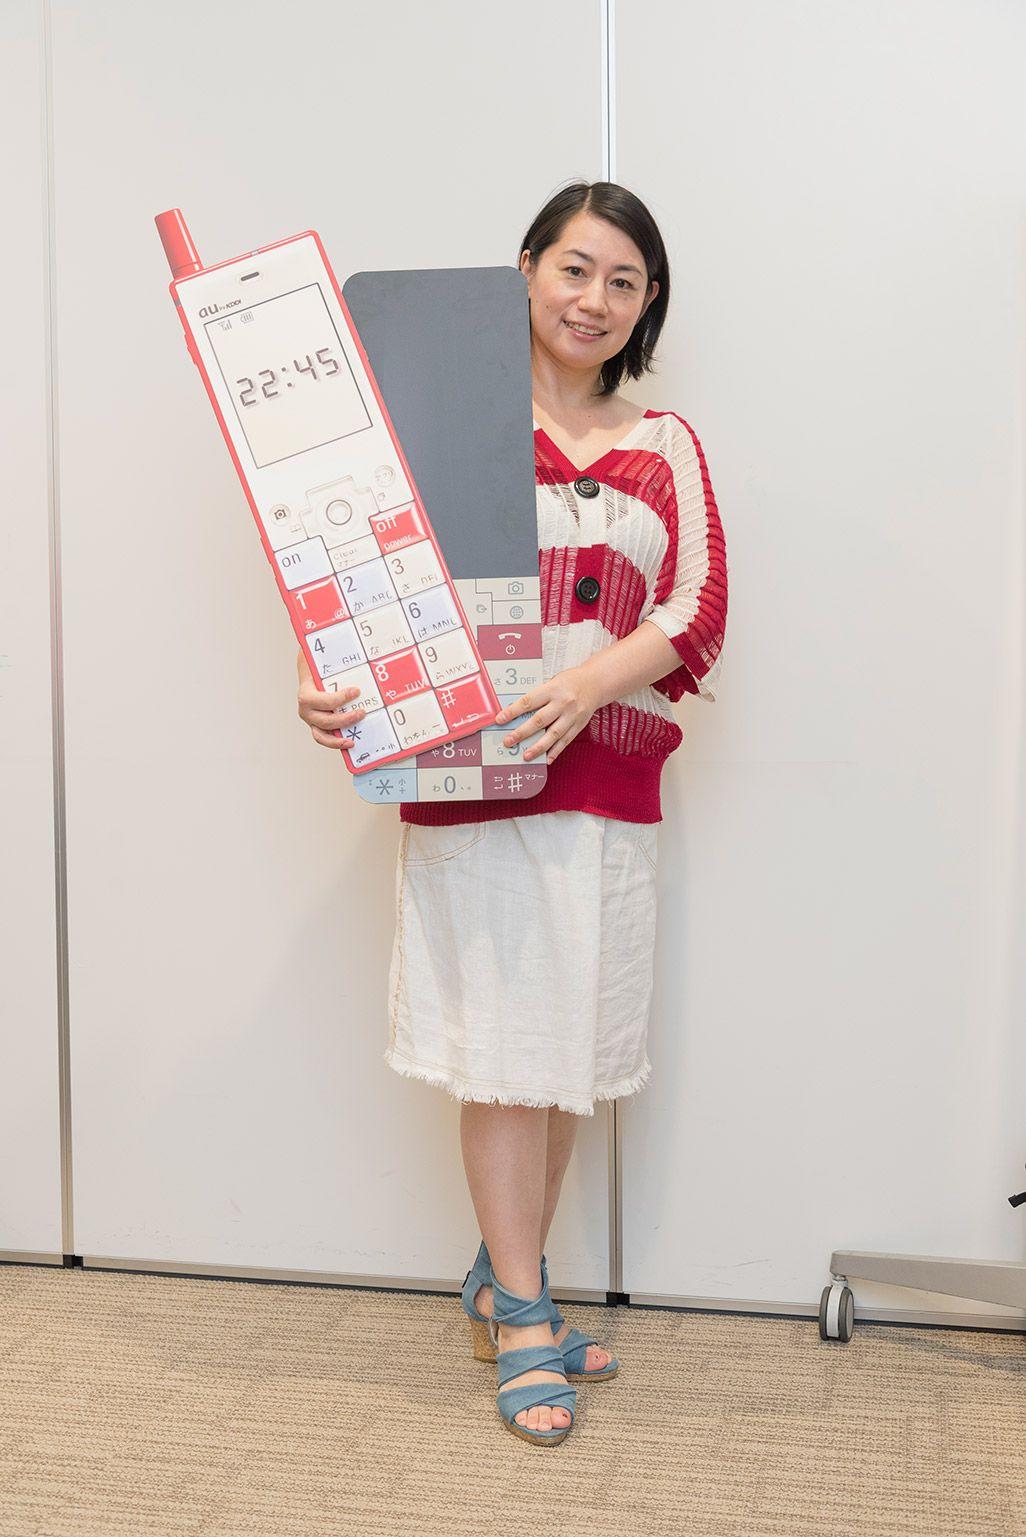 INFOBARファンミーティング新宿でポーズをとる女性